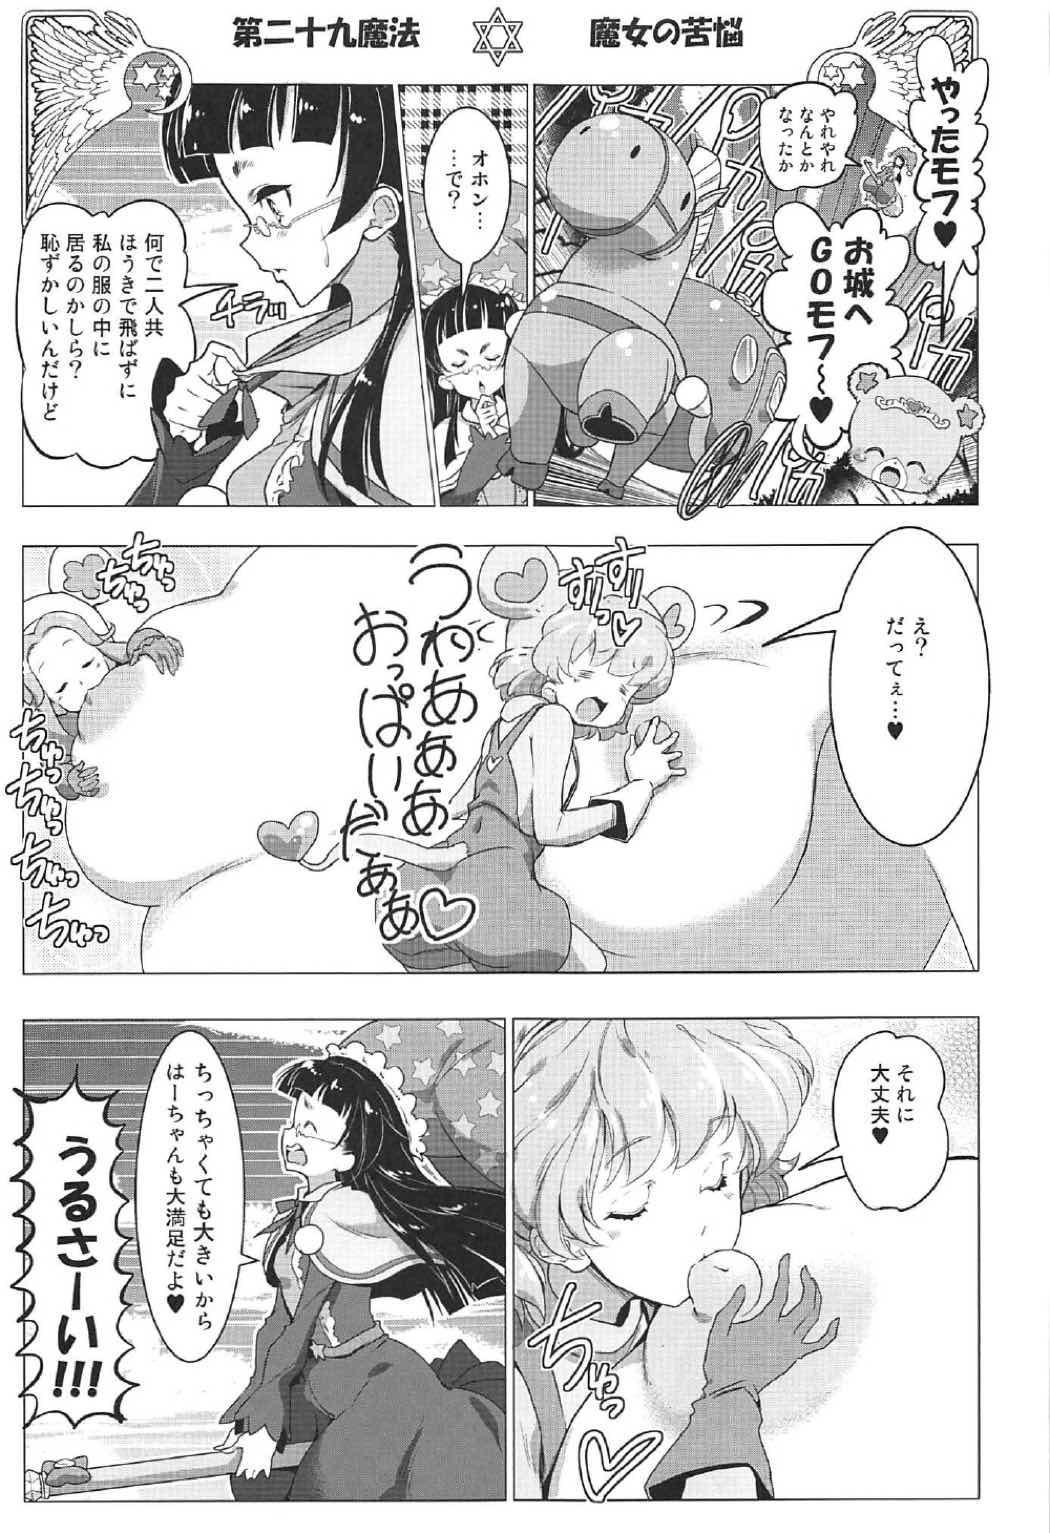 Yuri Mahou wa Himitsu no Kaori 4 21